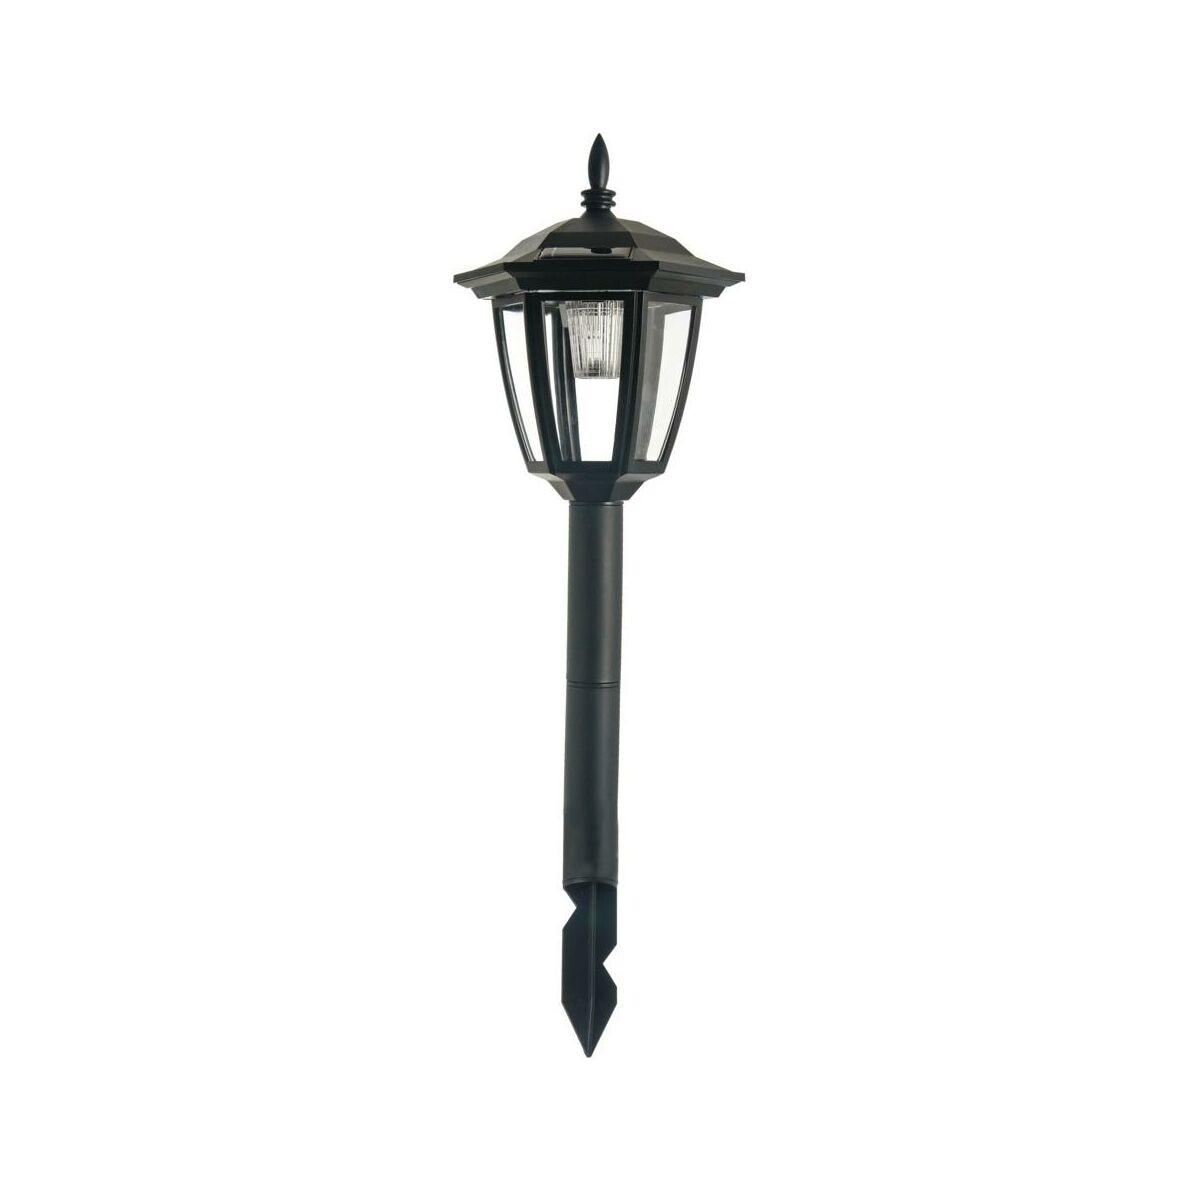 Lampa Wbijana Solarna Ip44 Wys 51 Cm Czarna Jumi Oswietlenie Ogrodowe Solarne W Atrakcyjnej Cenie W Sklepach Leroy Merlin